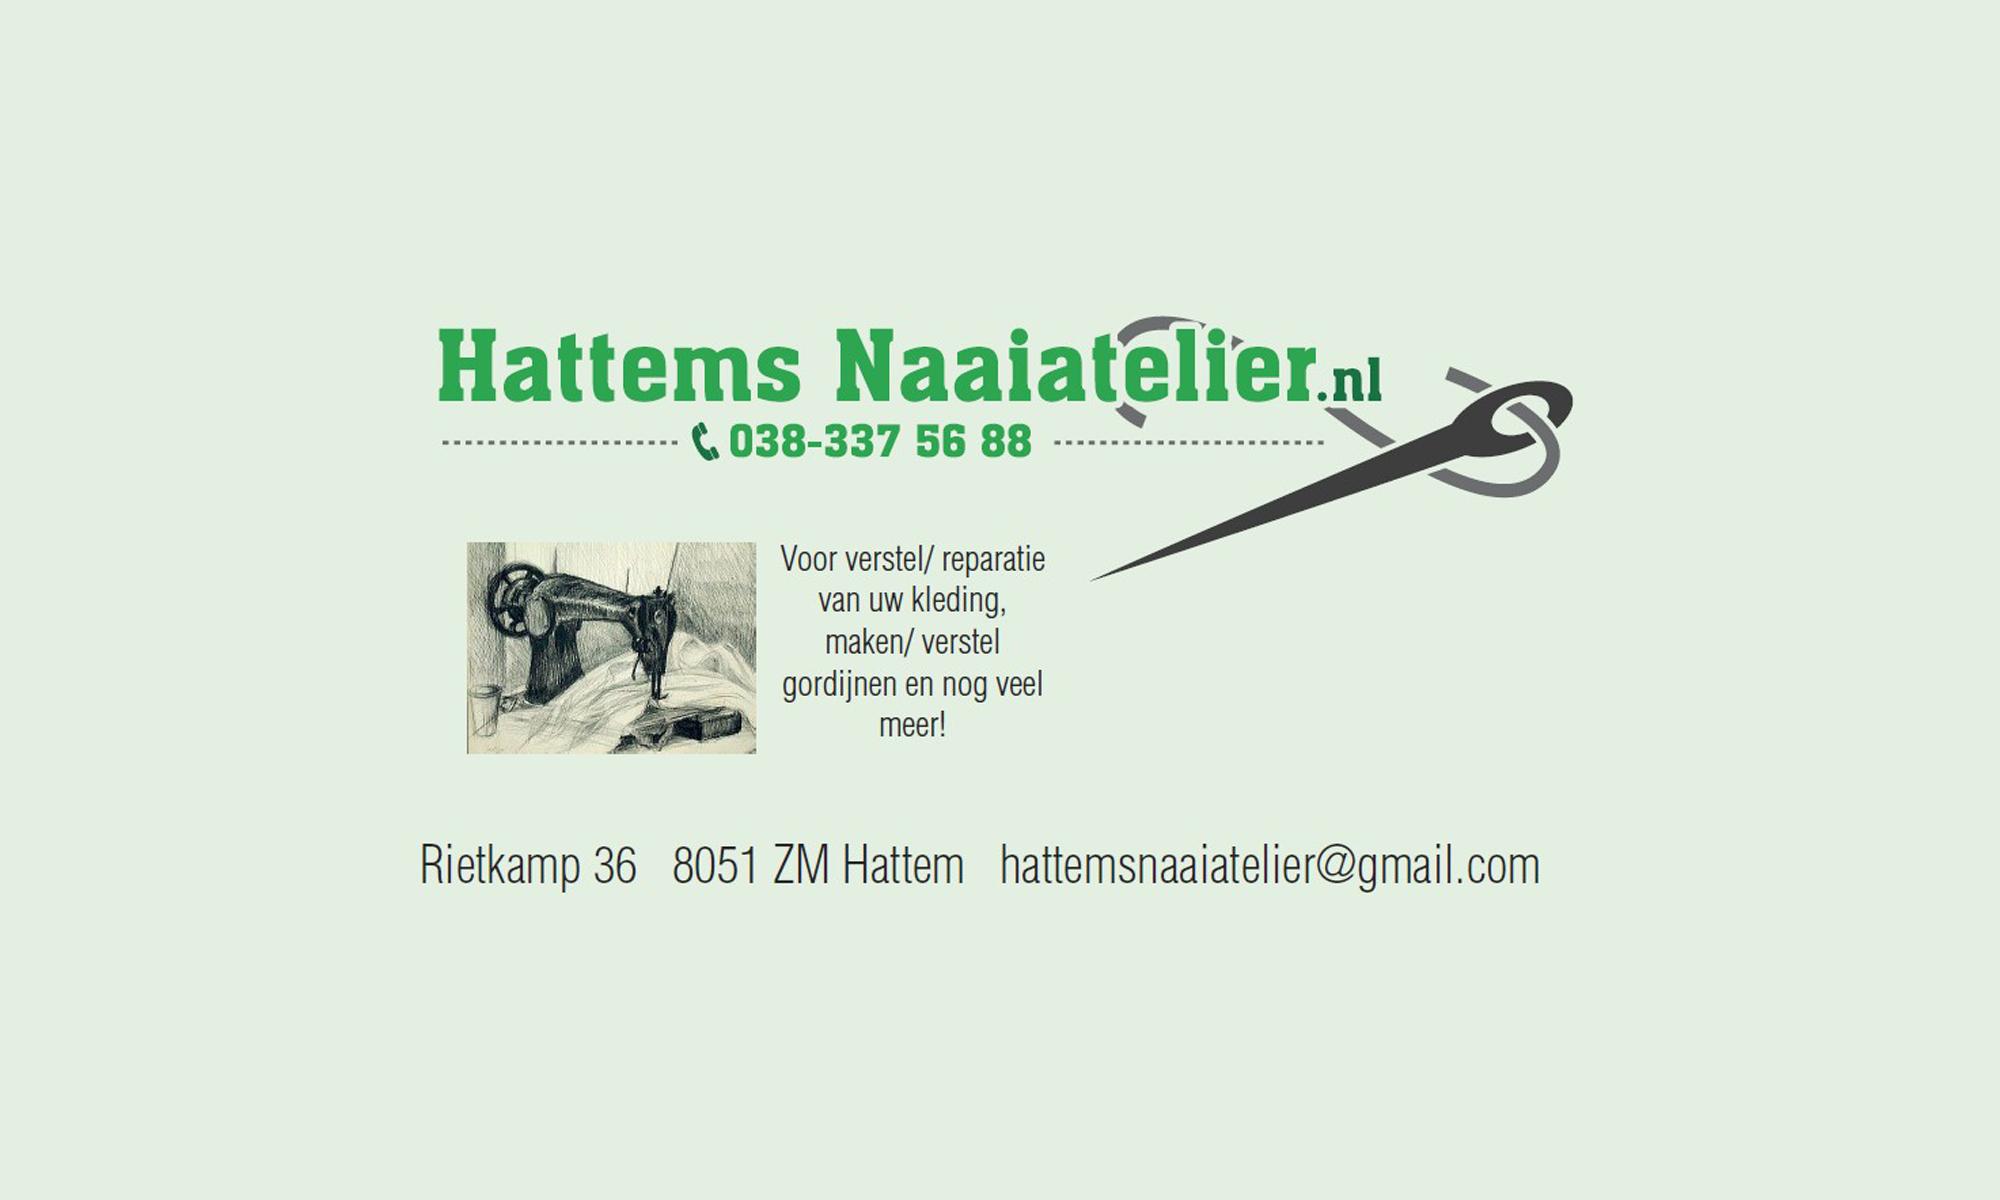 Hattems Naaiatelier